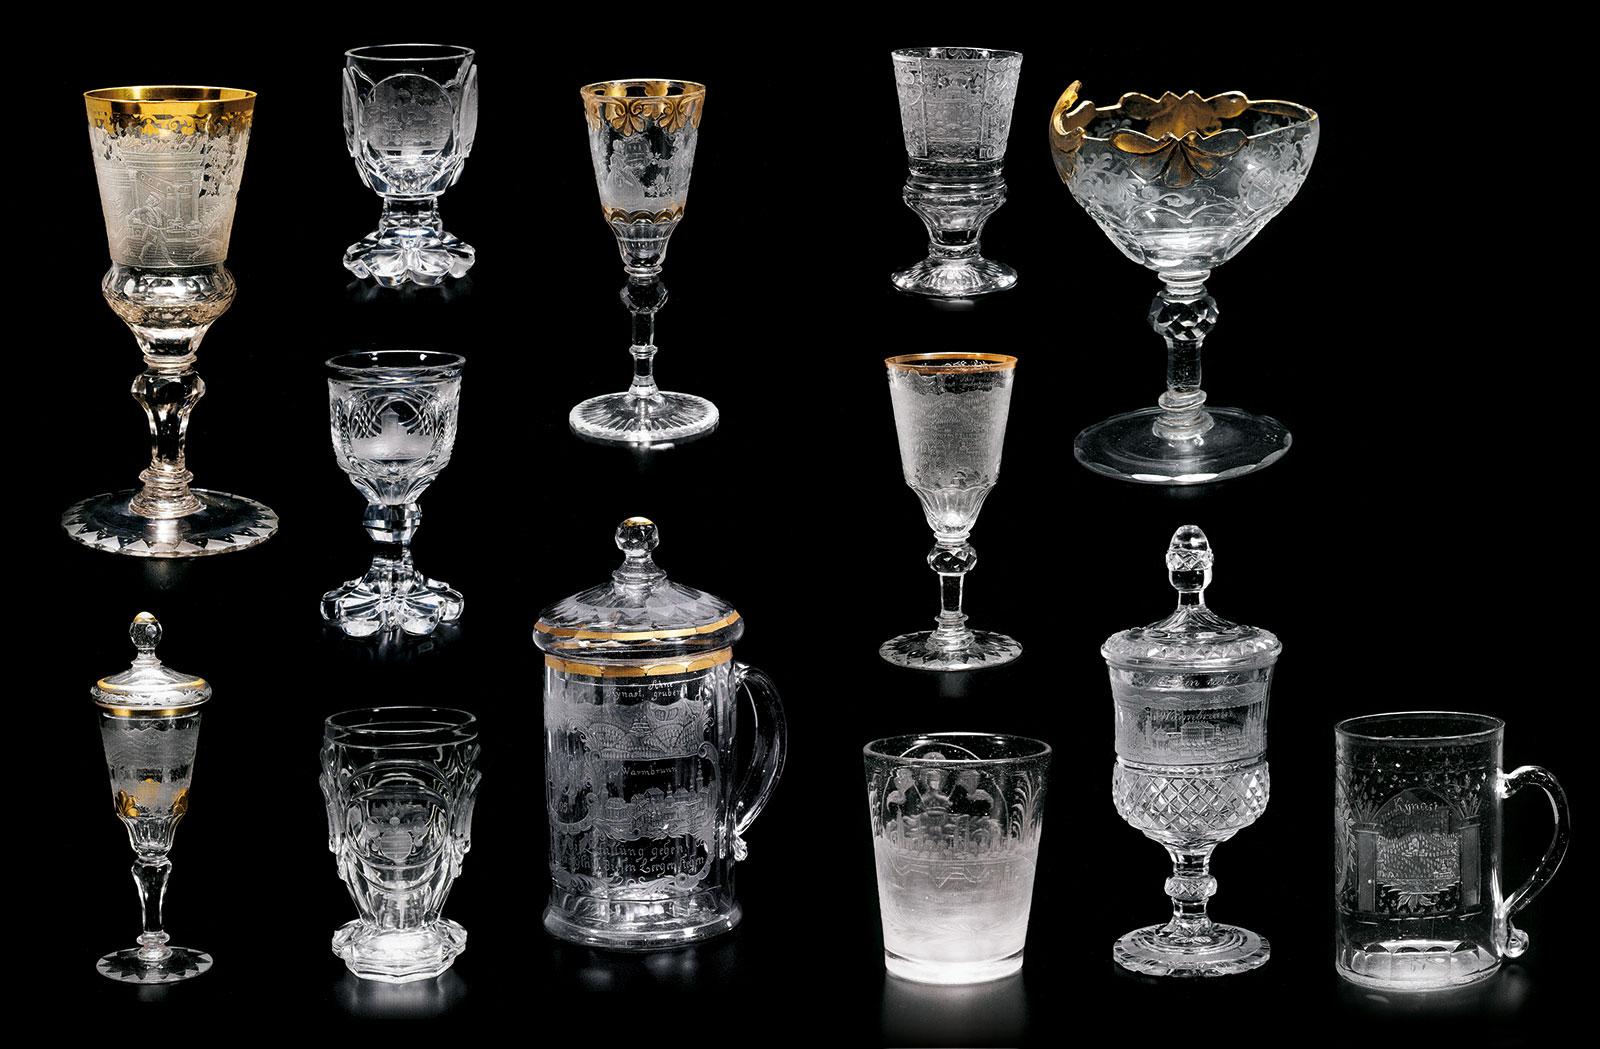 Gläser aus der Sammlung Dietmar Zoedler